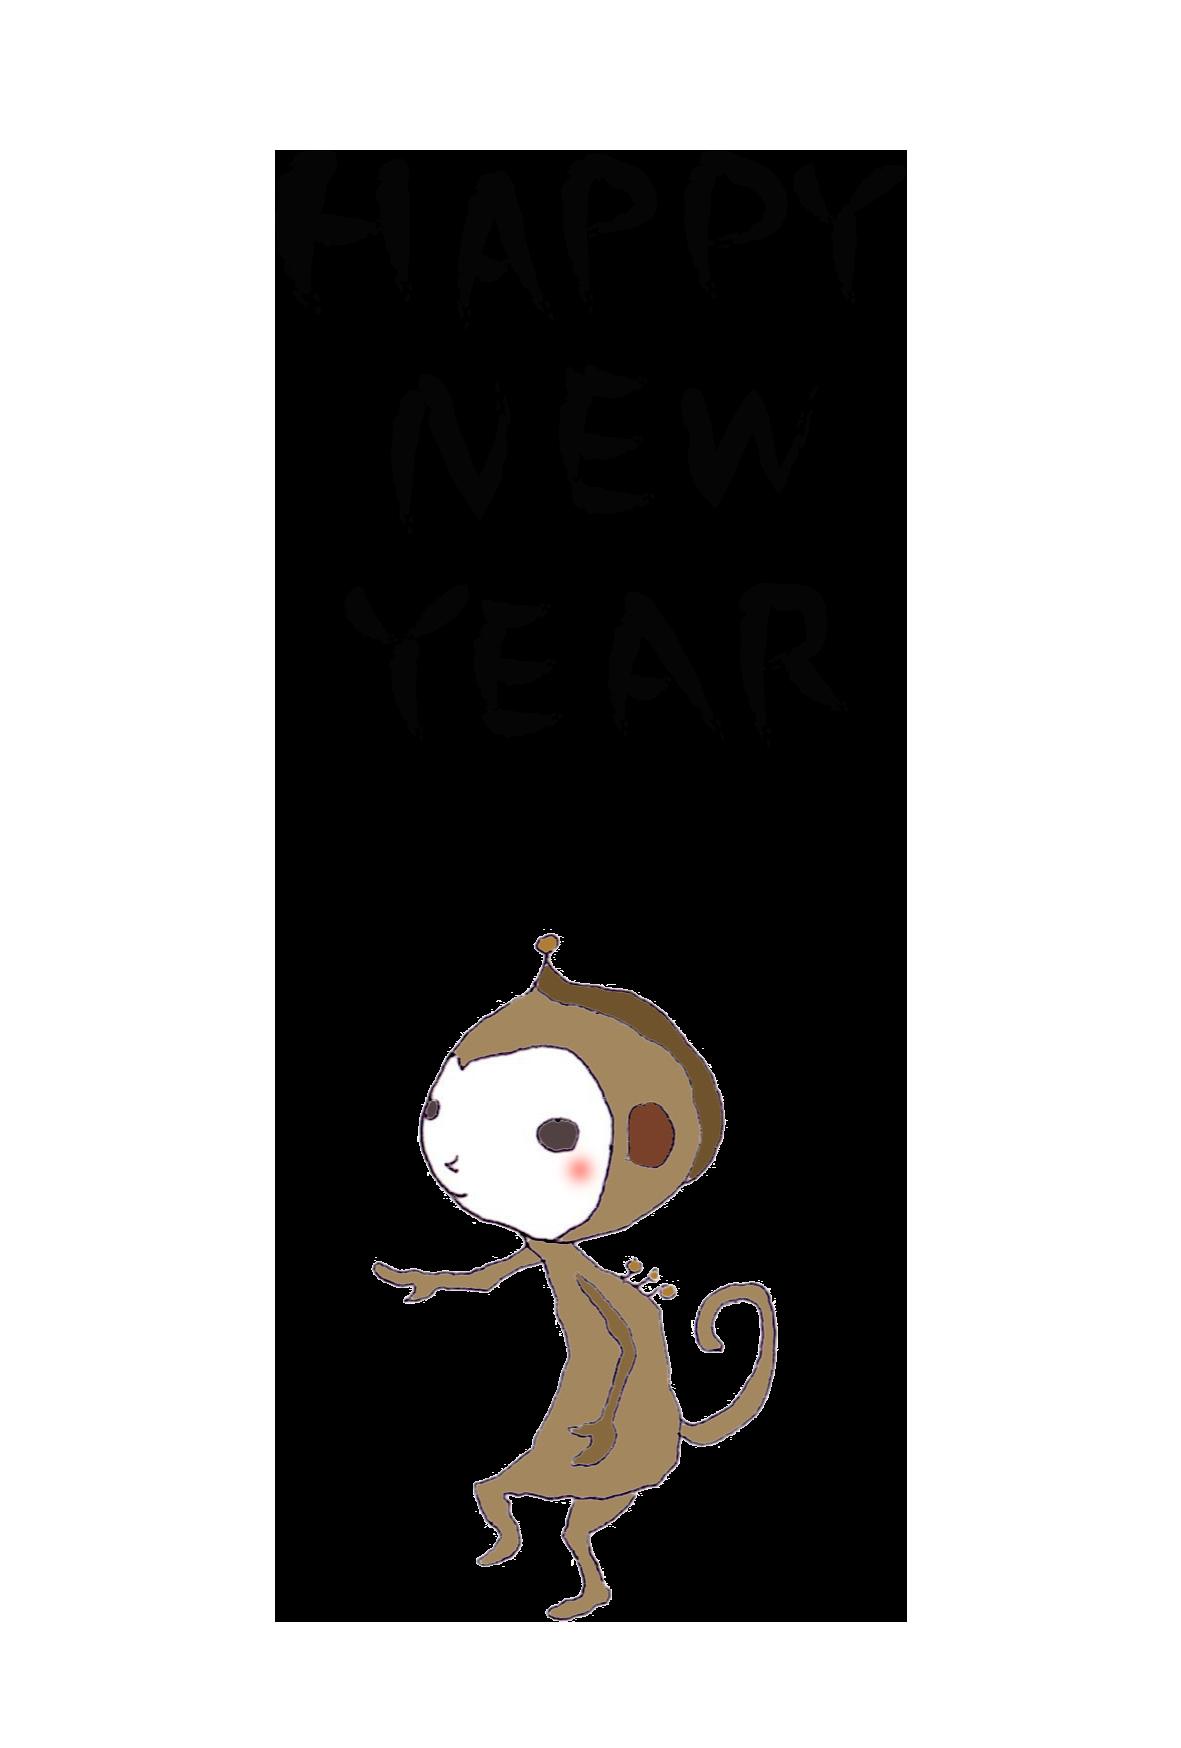 年賀状-ボールペンテンプレート(猿) <無料> | イラストk